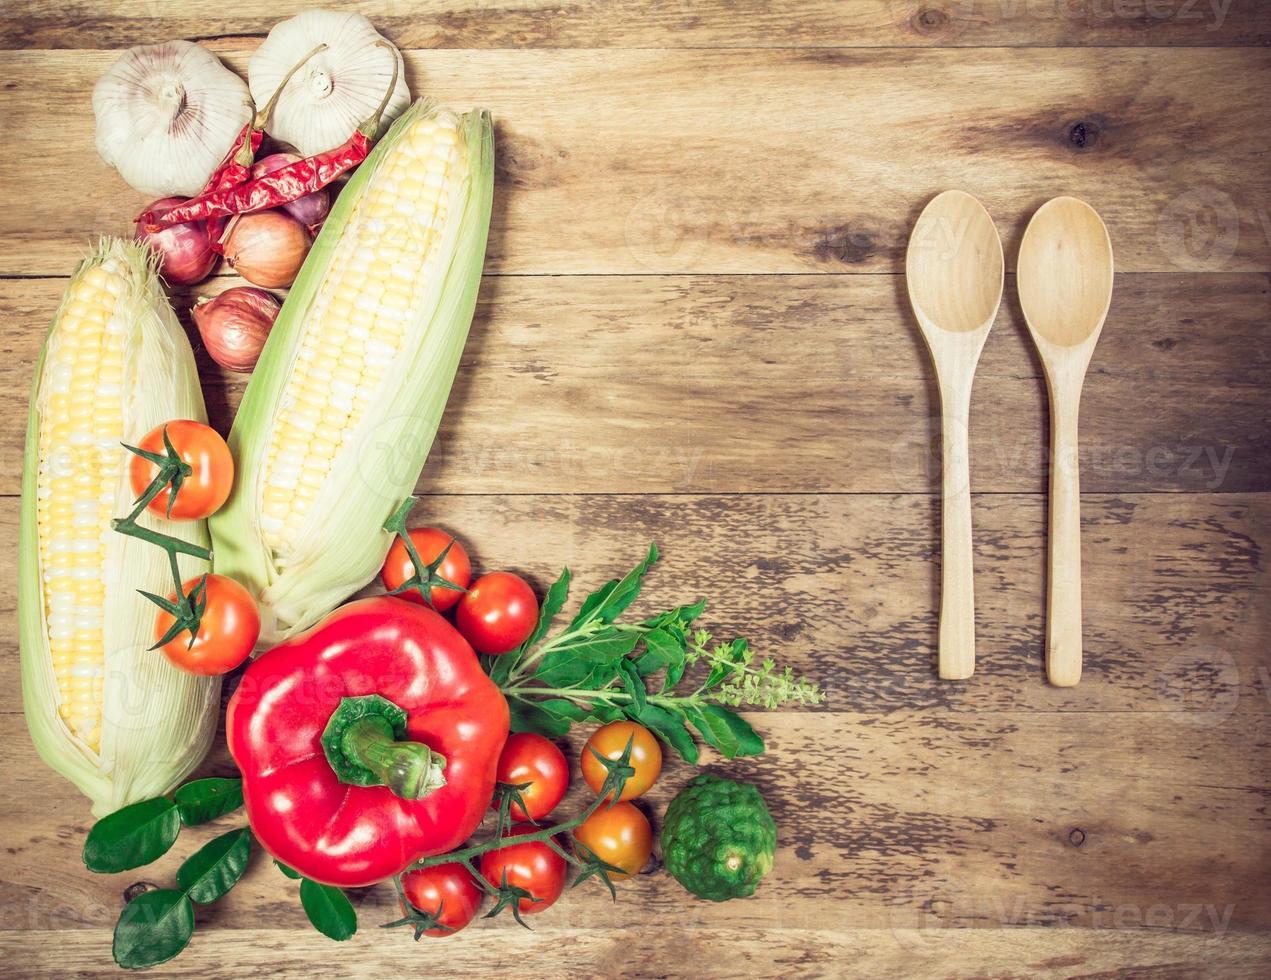 frisches Bio-Gemüse und Gewürze auf einem hölzernen Hintergrund. foto